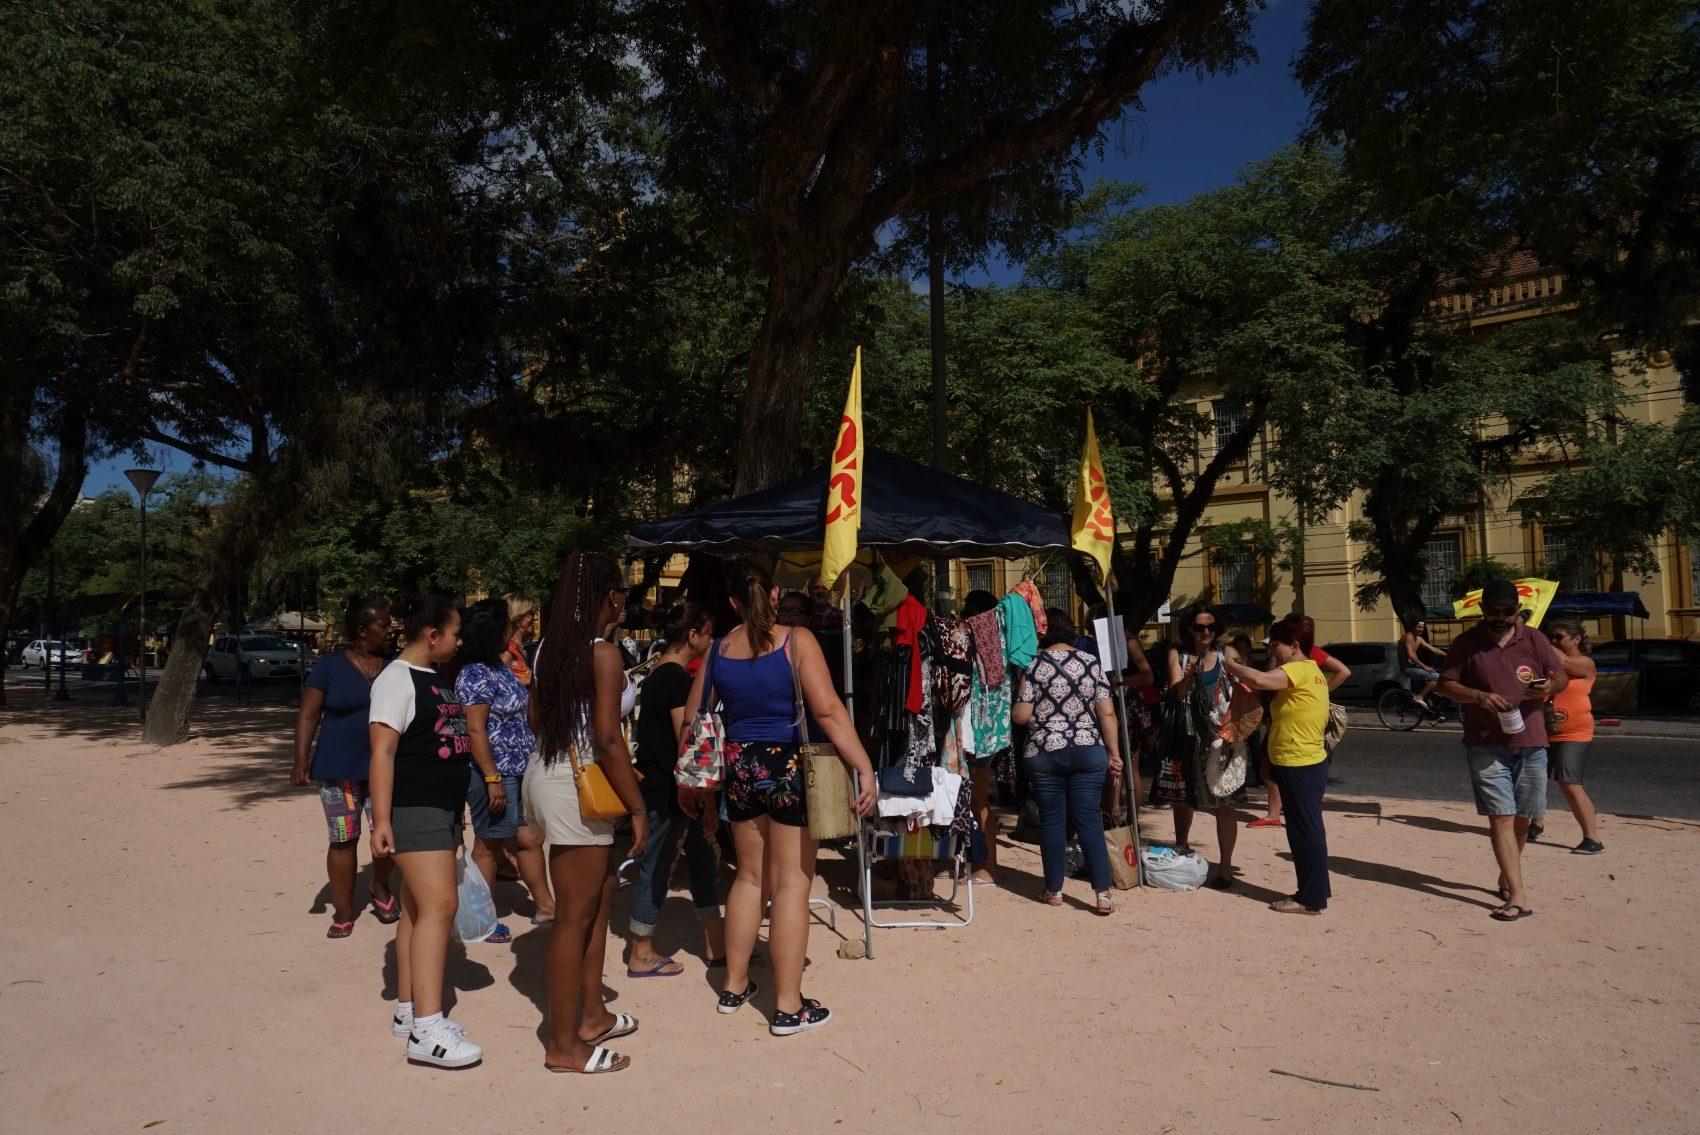 Brechó dos professores estaduais no Parque da Redenção